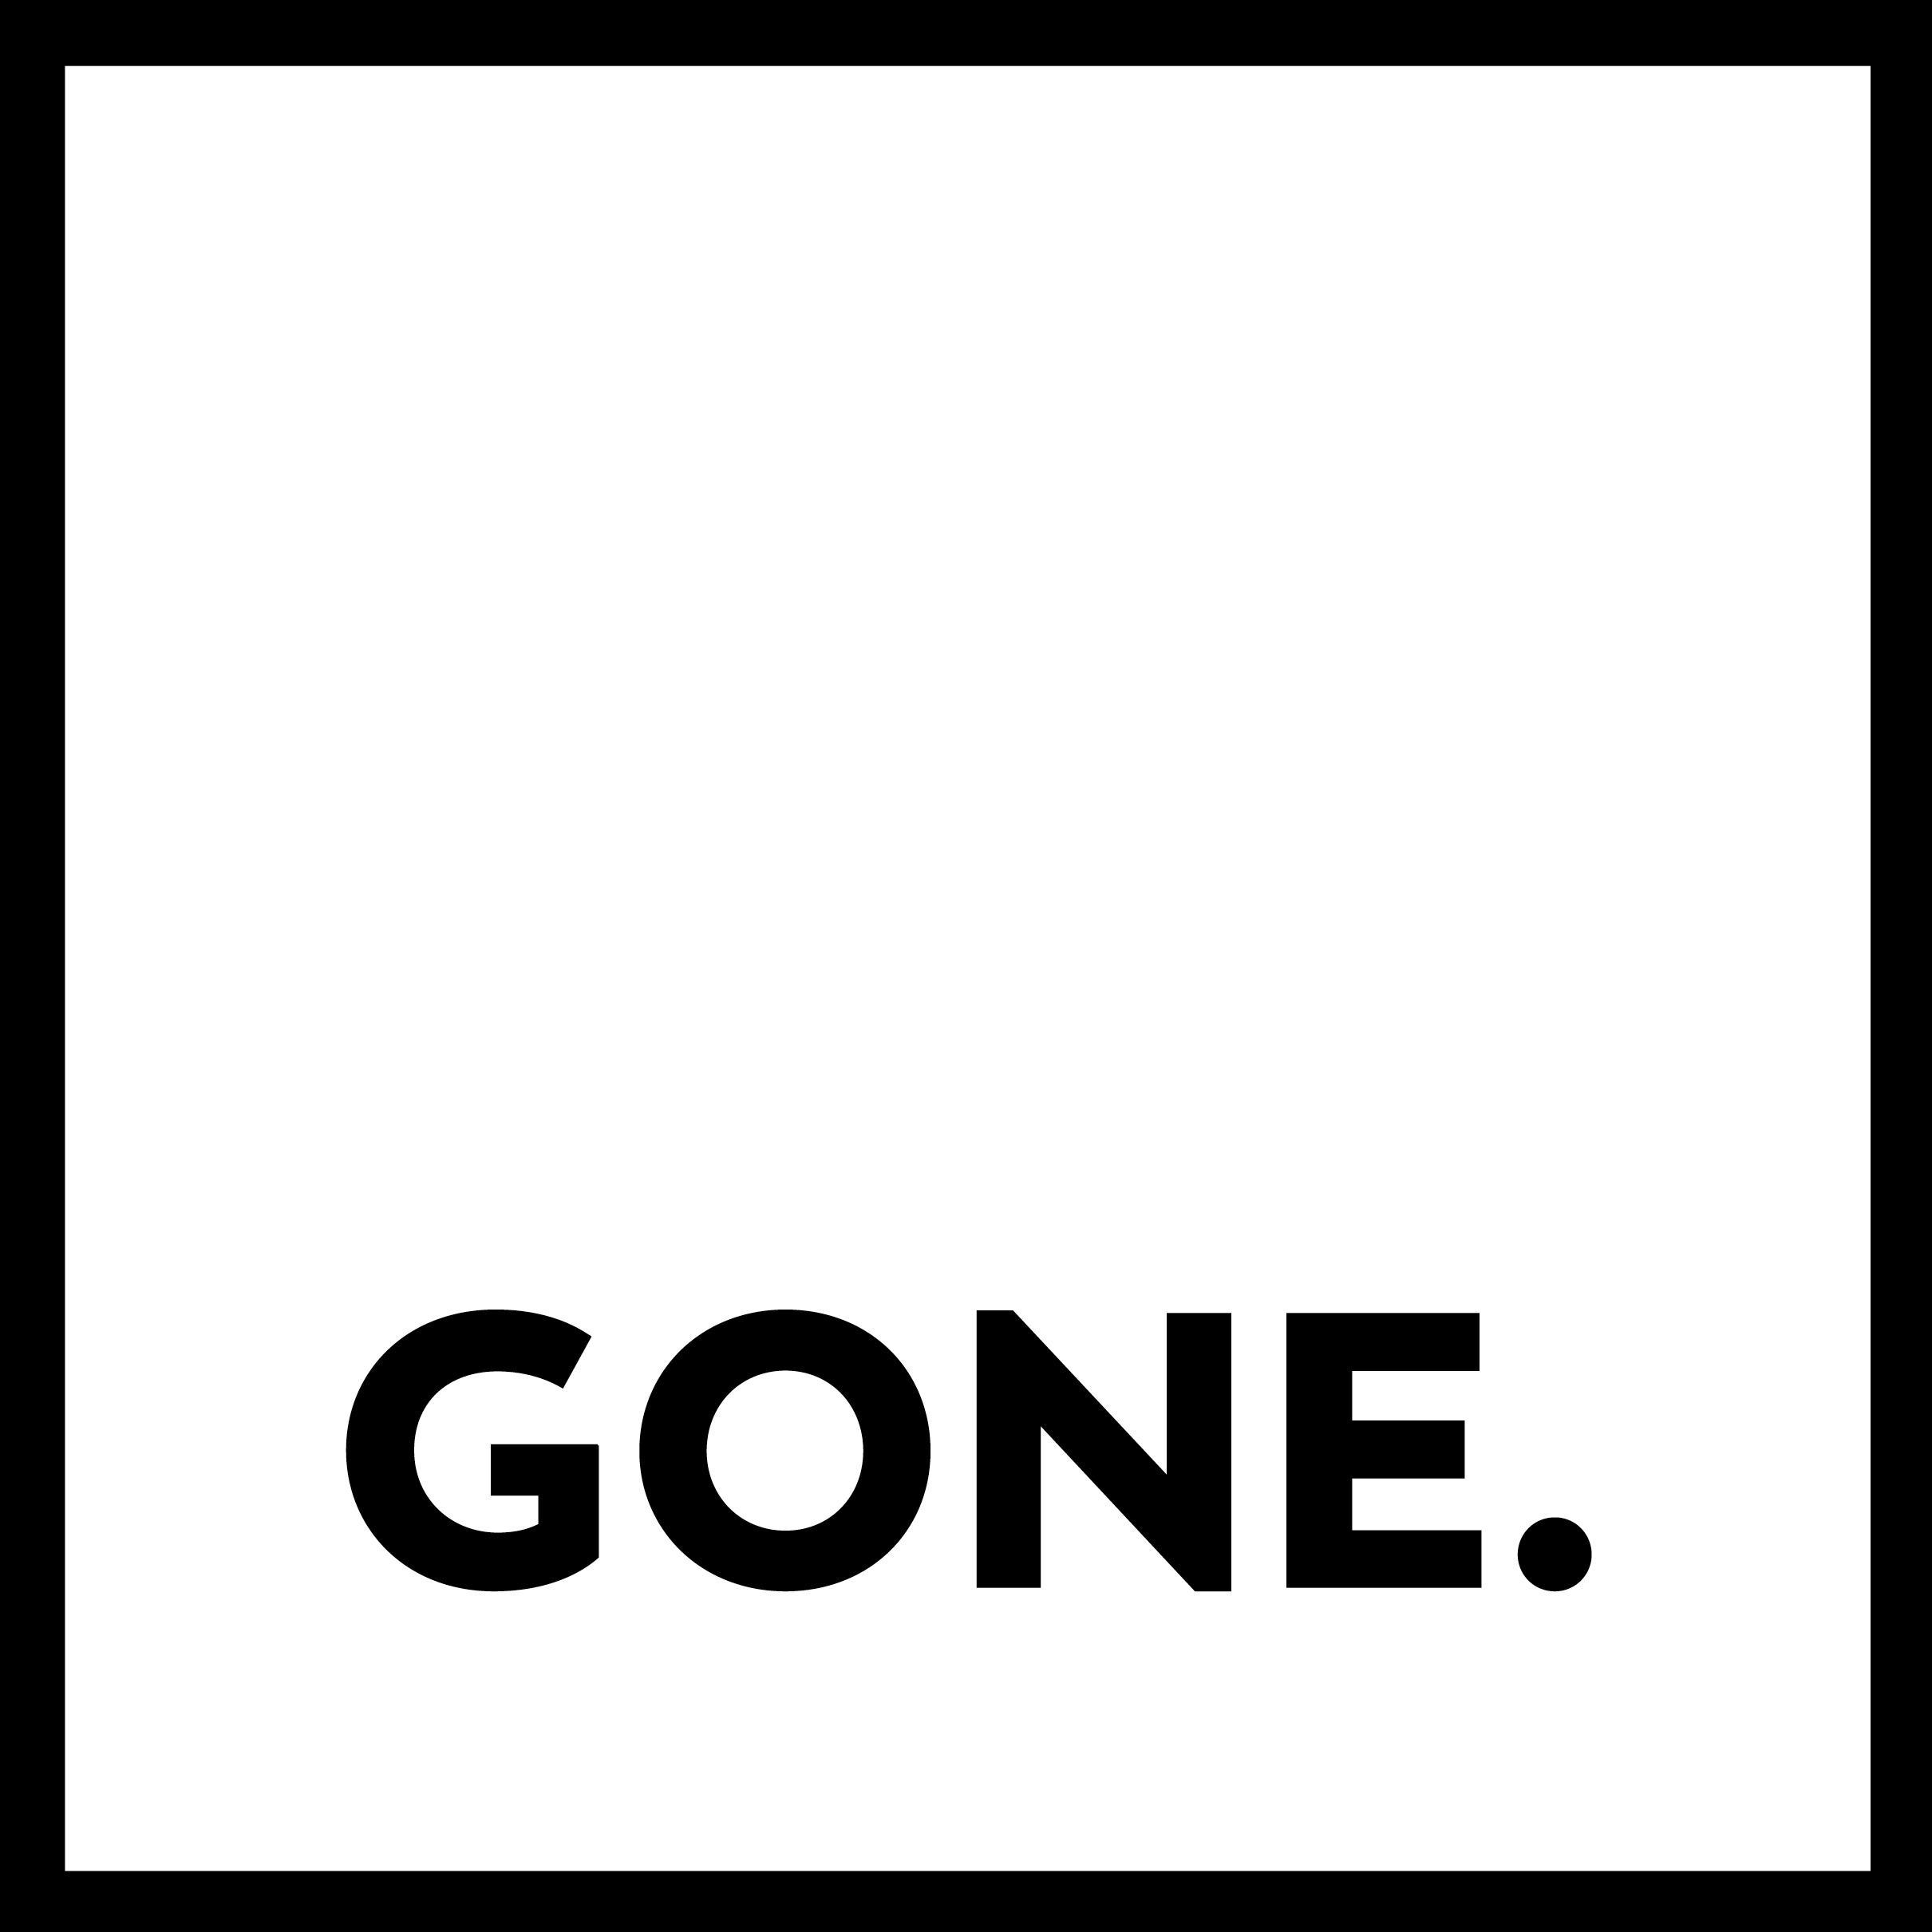 Gone. logo